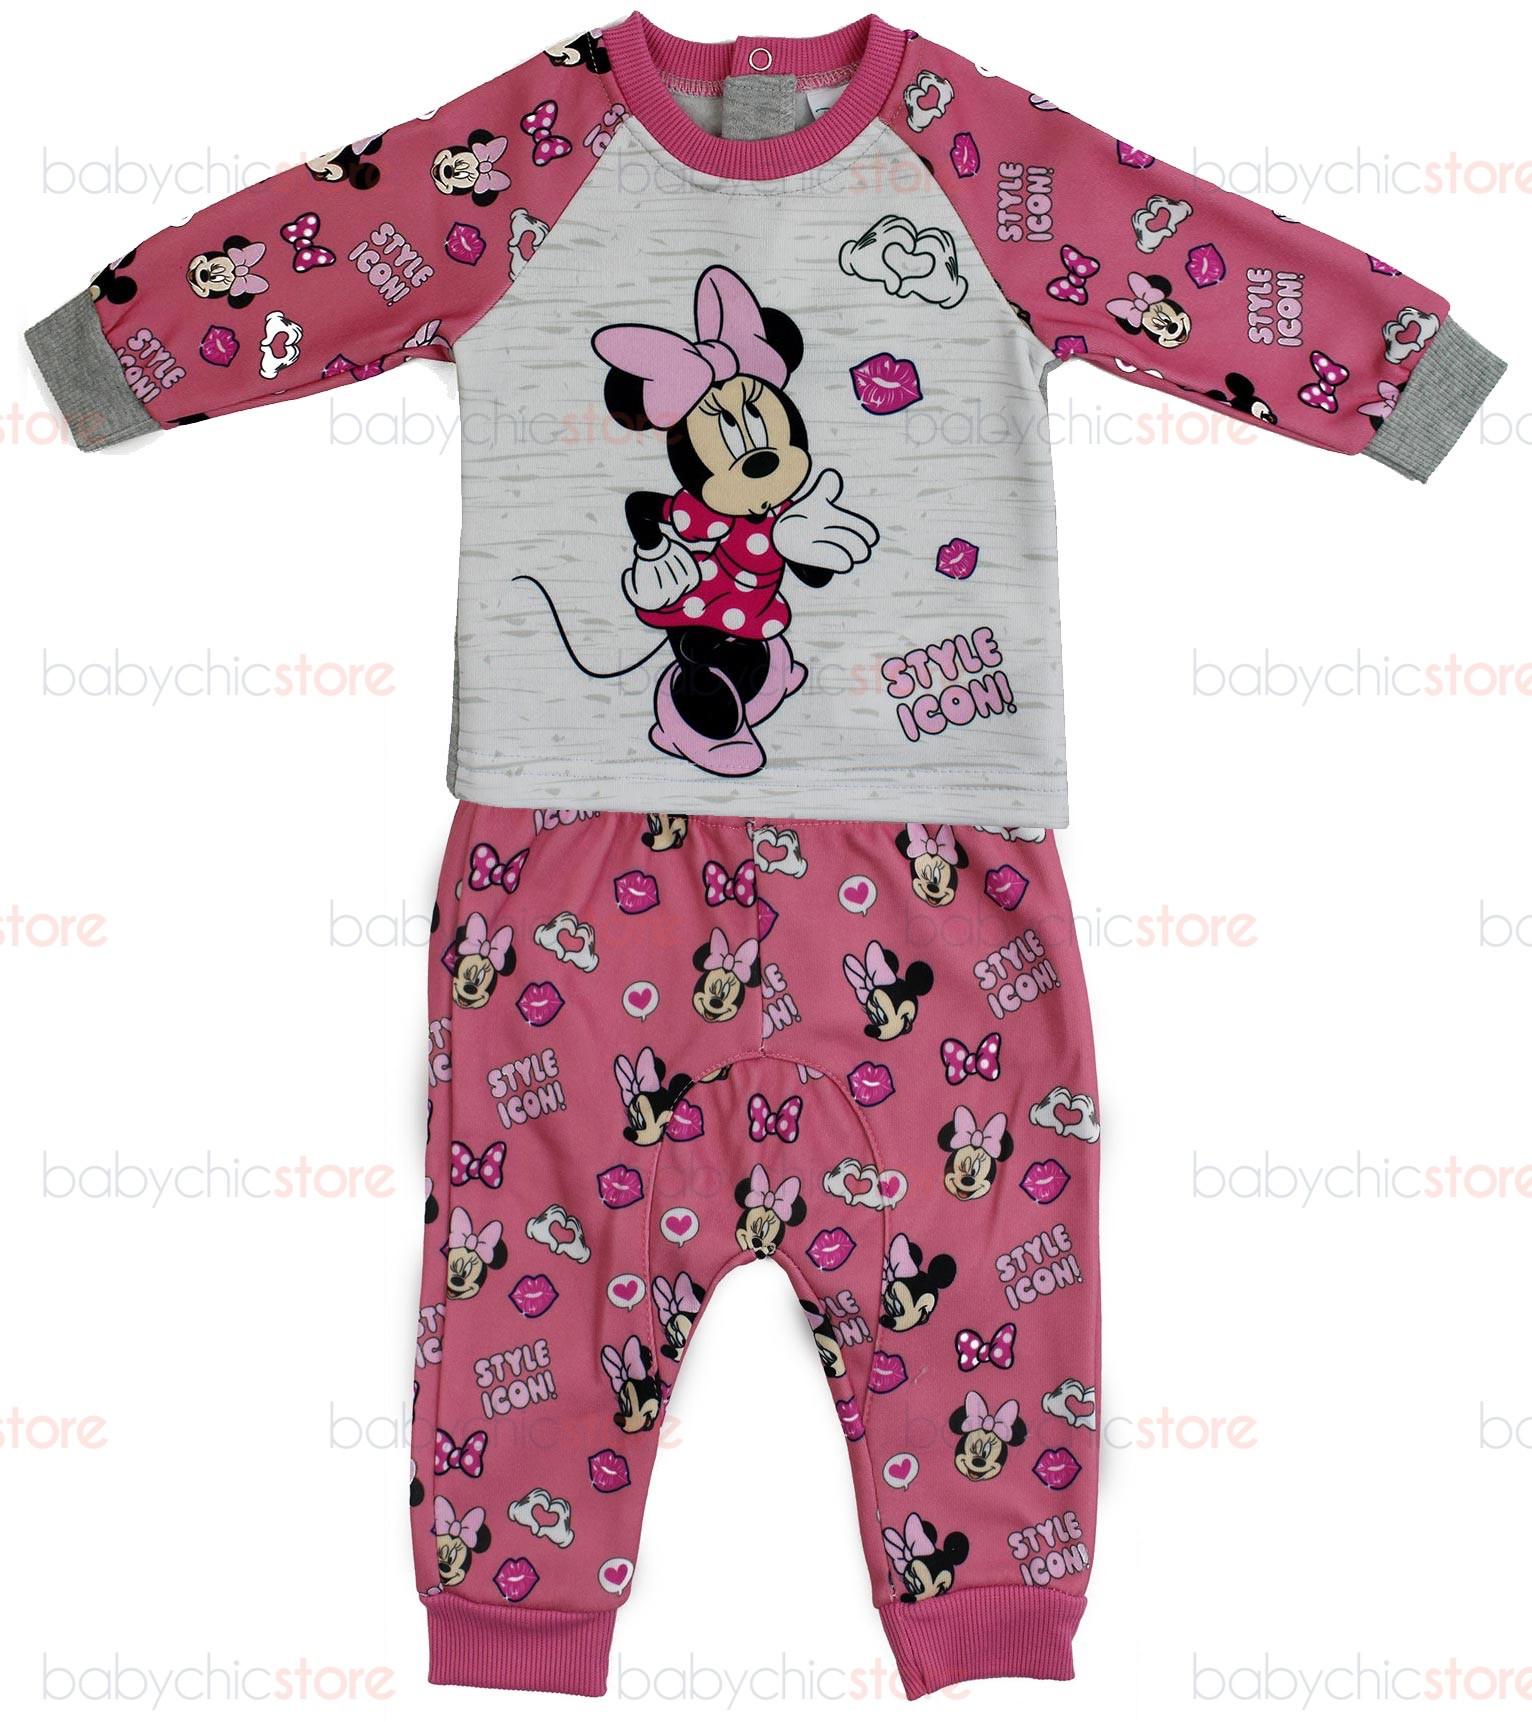 Tuta Neonato Disney Minnie Rosa/Grigio - 18 Mesi